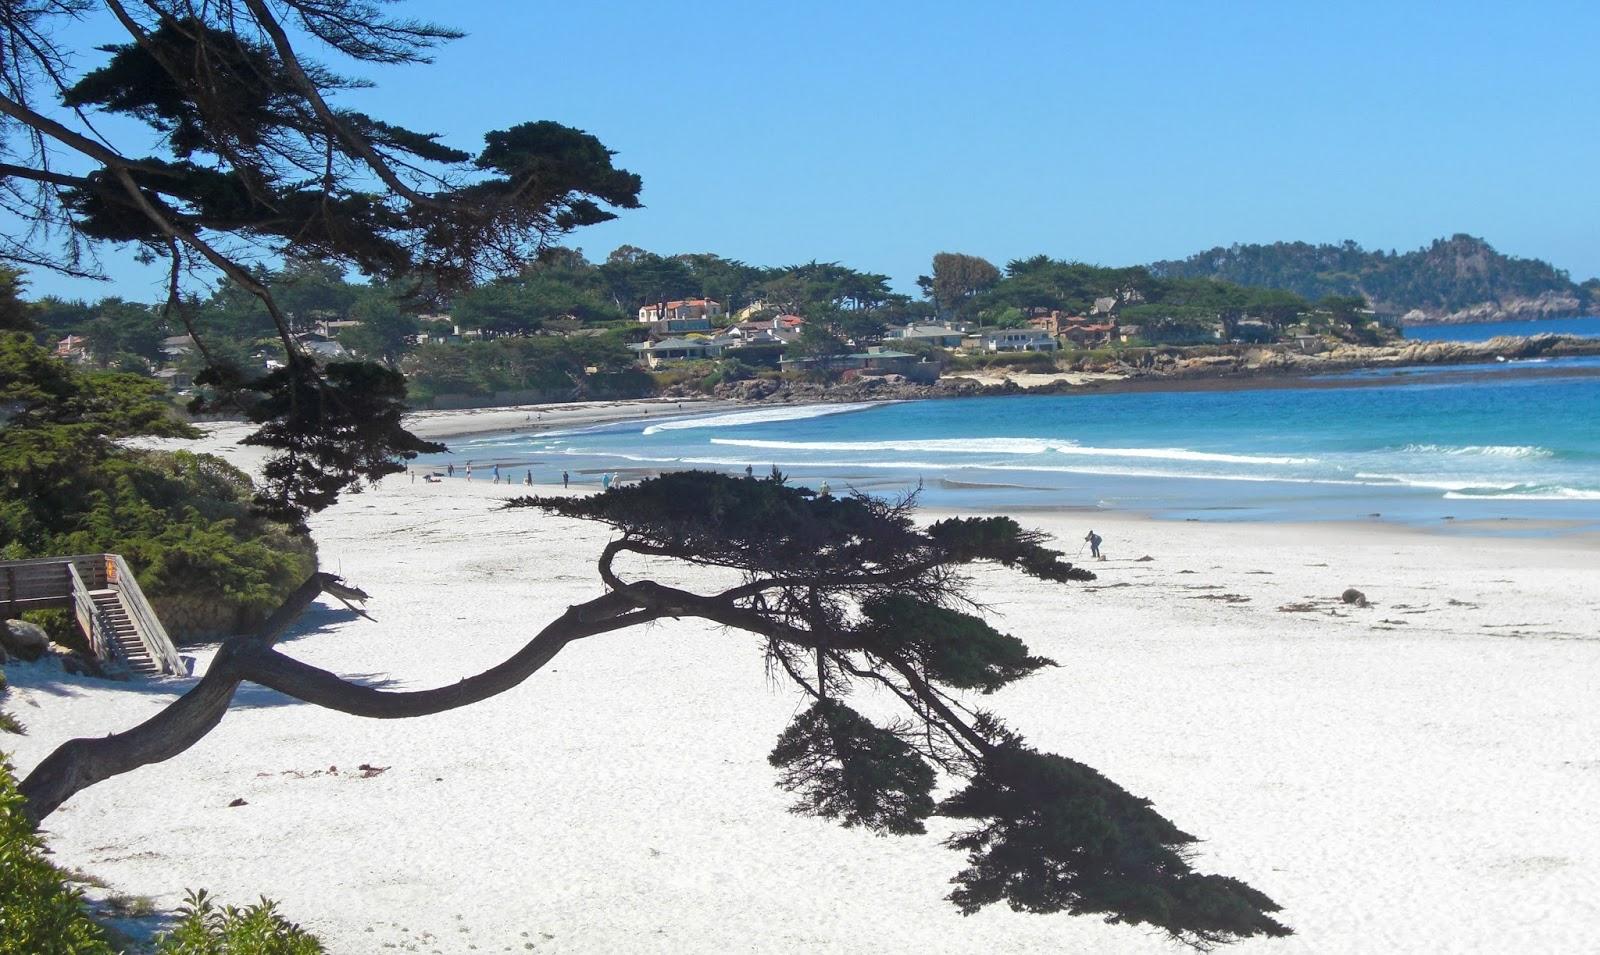 bellezze-americane-carmel-by-the-sea-secret-world